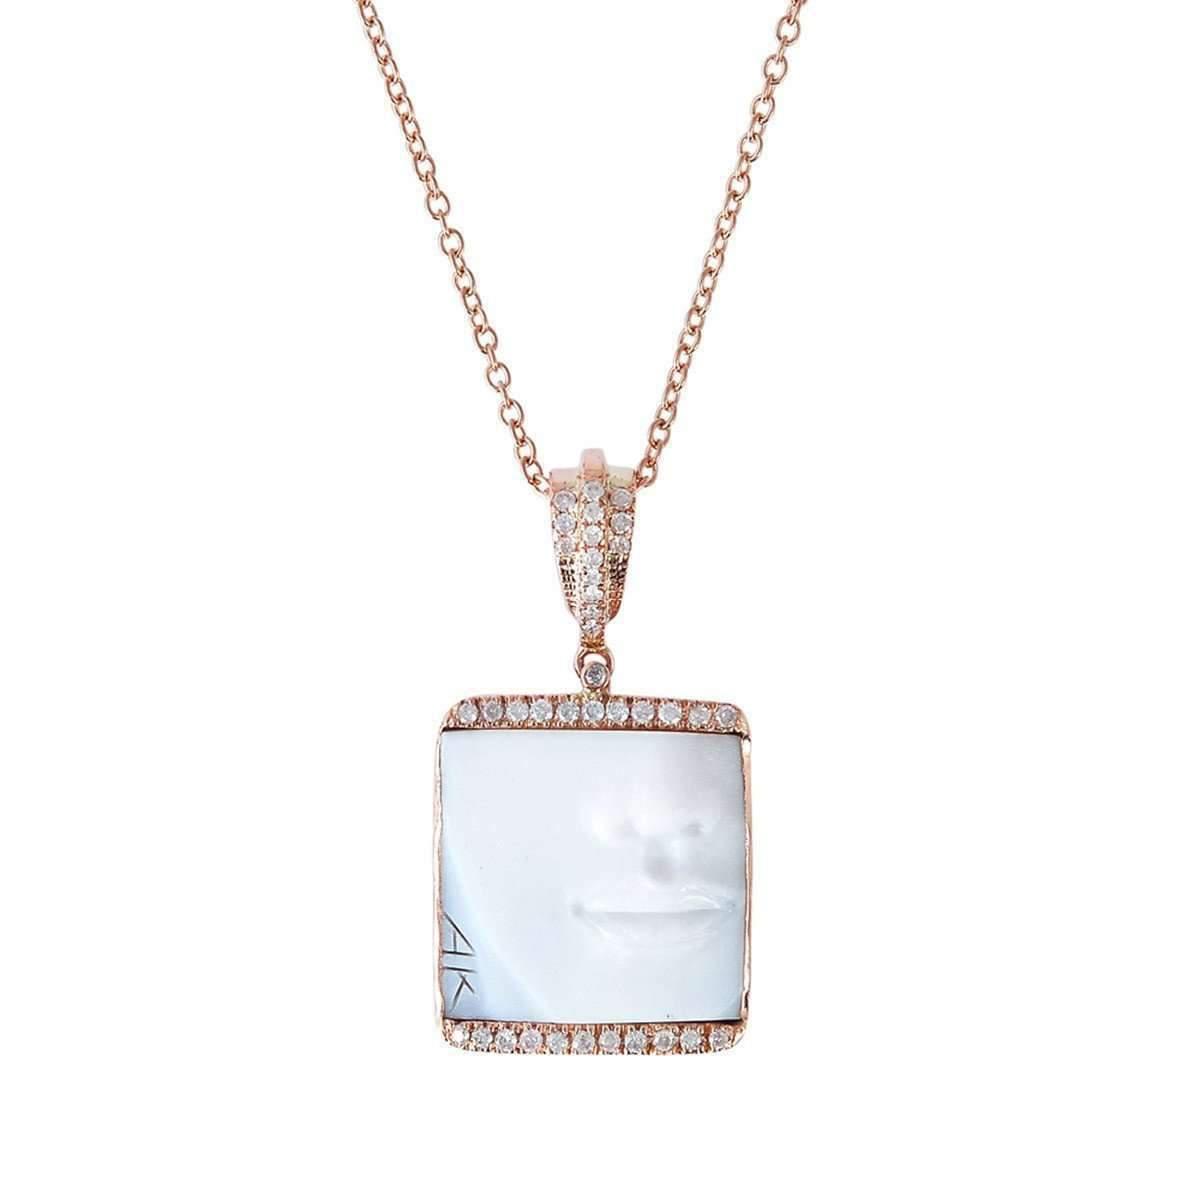 Socheec In Love Face Shell Cameo Diamond Necklace NihD2F2h